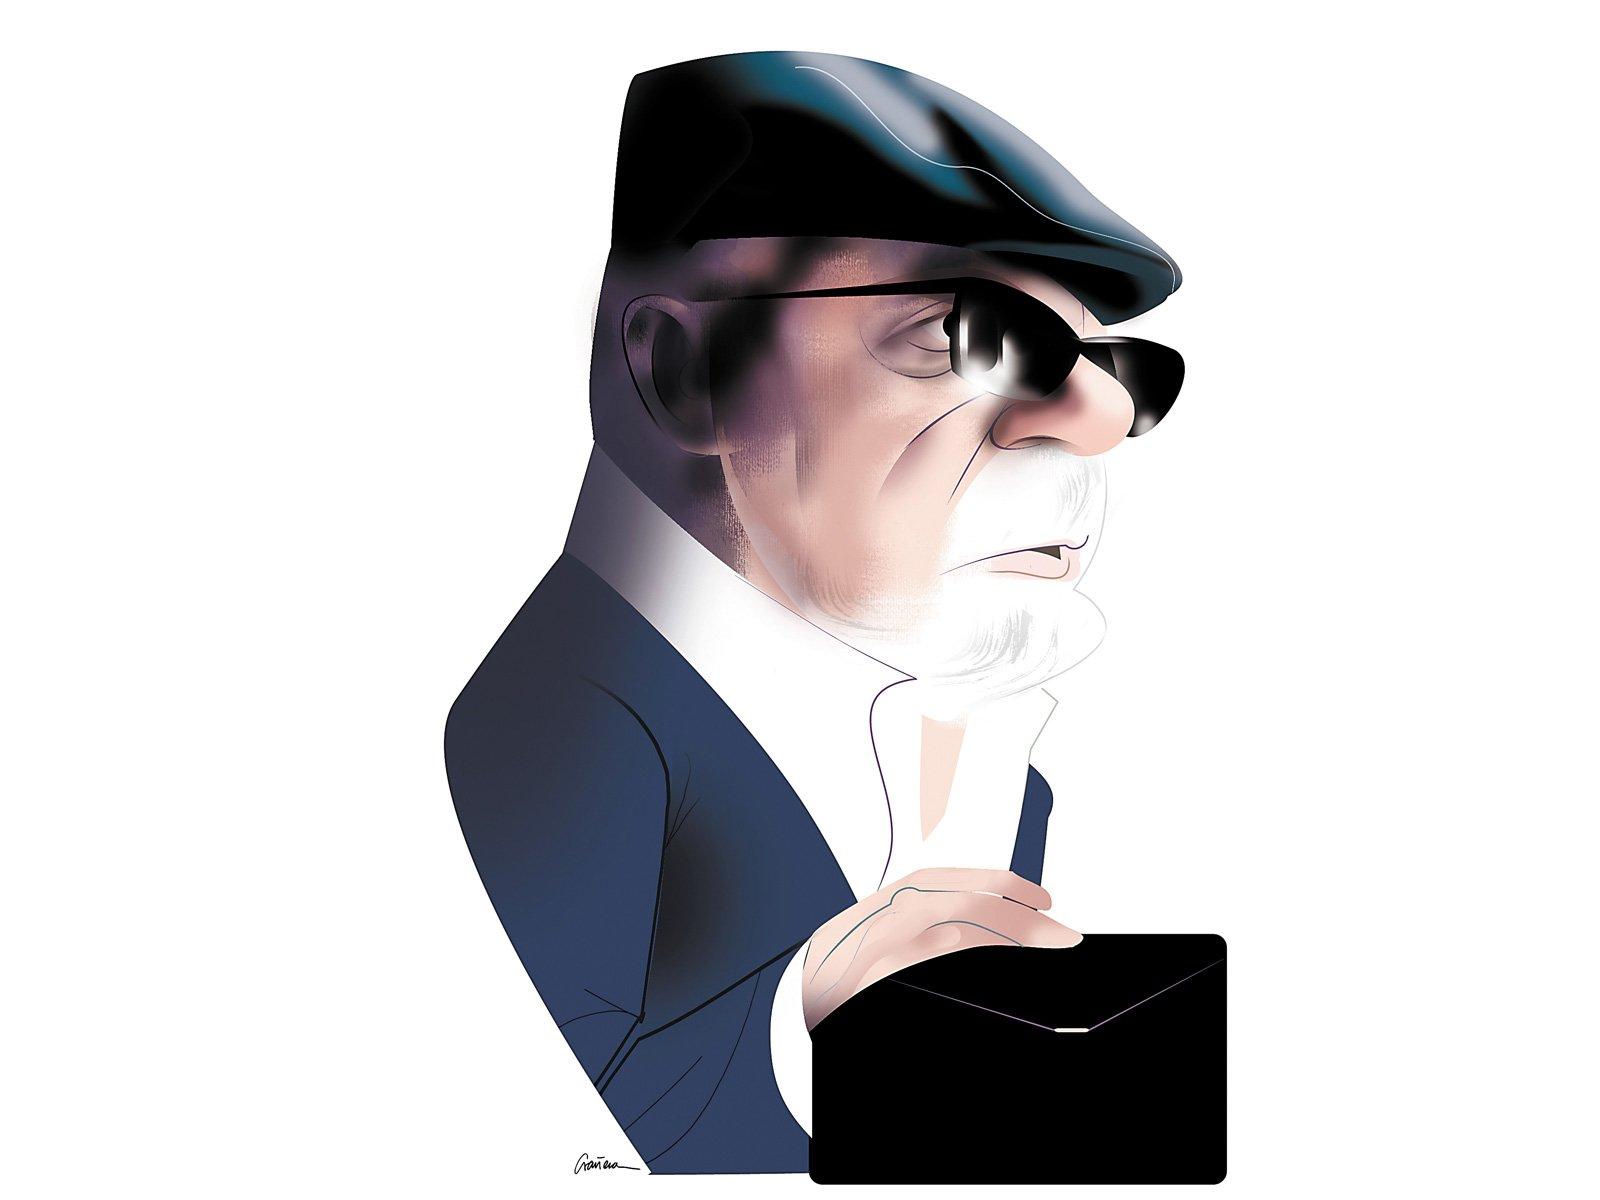 El comisari José Manuel Villarejo. Caricatura de Luis Grañena.